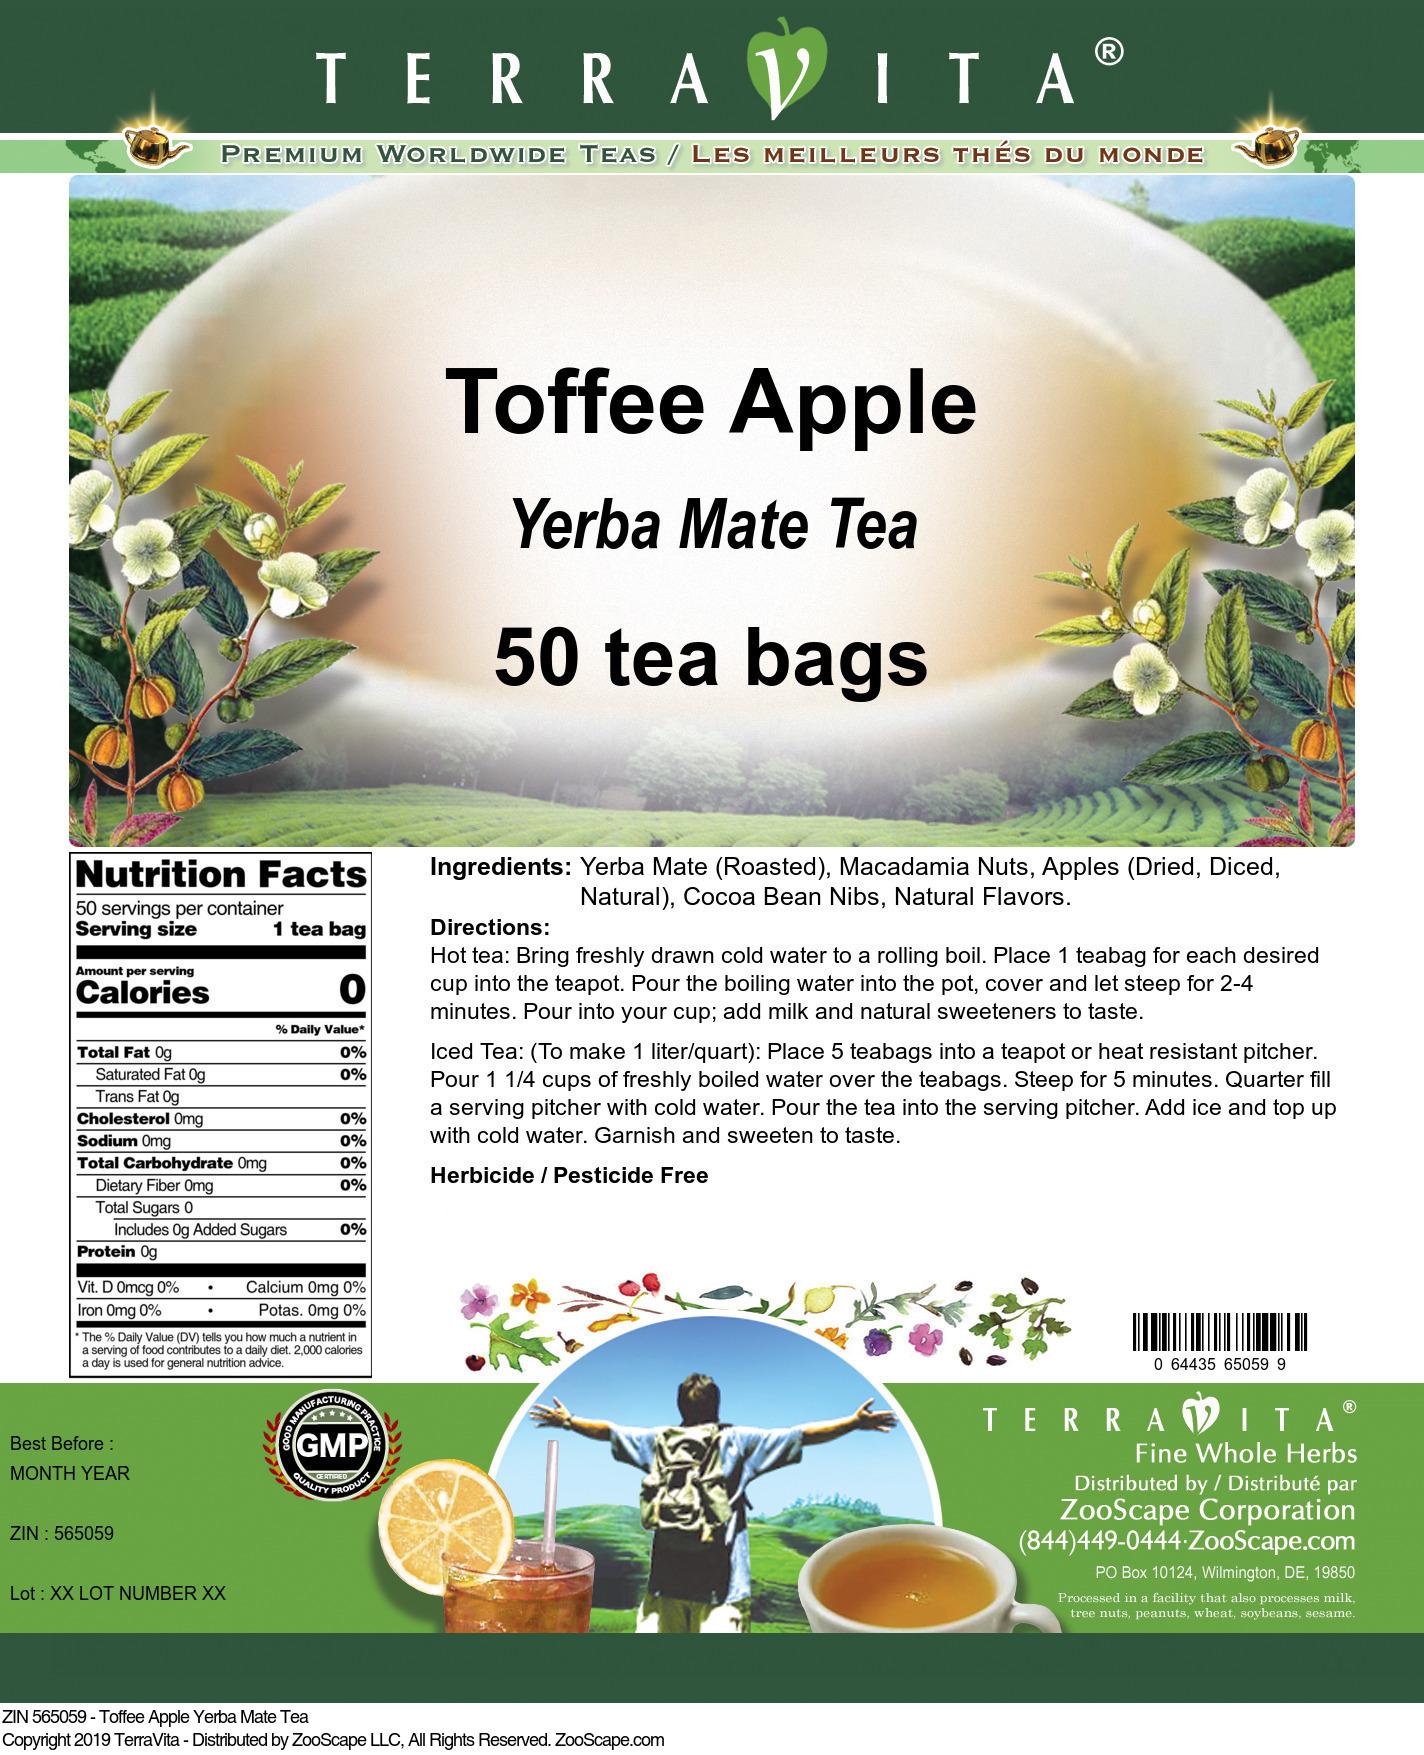 Toffee Apple Yerba Mate Tea